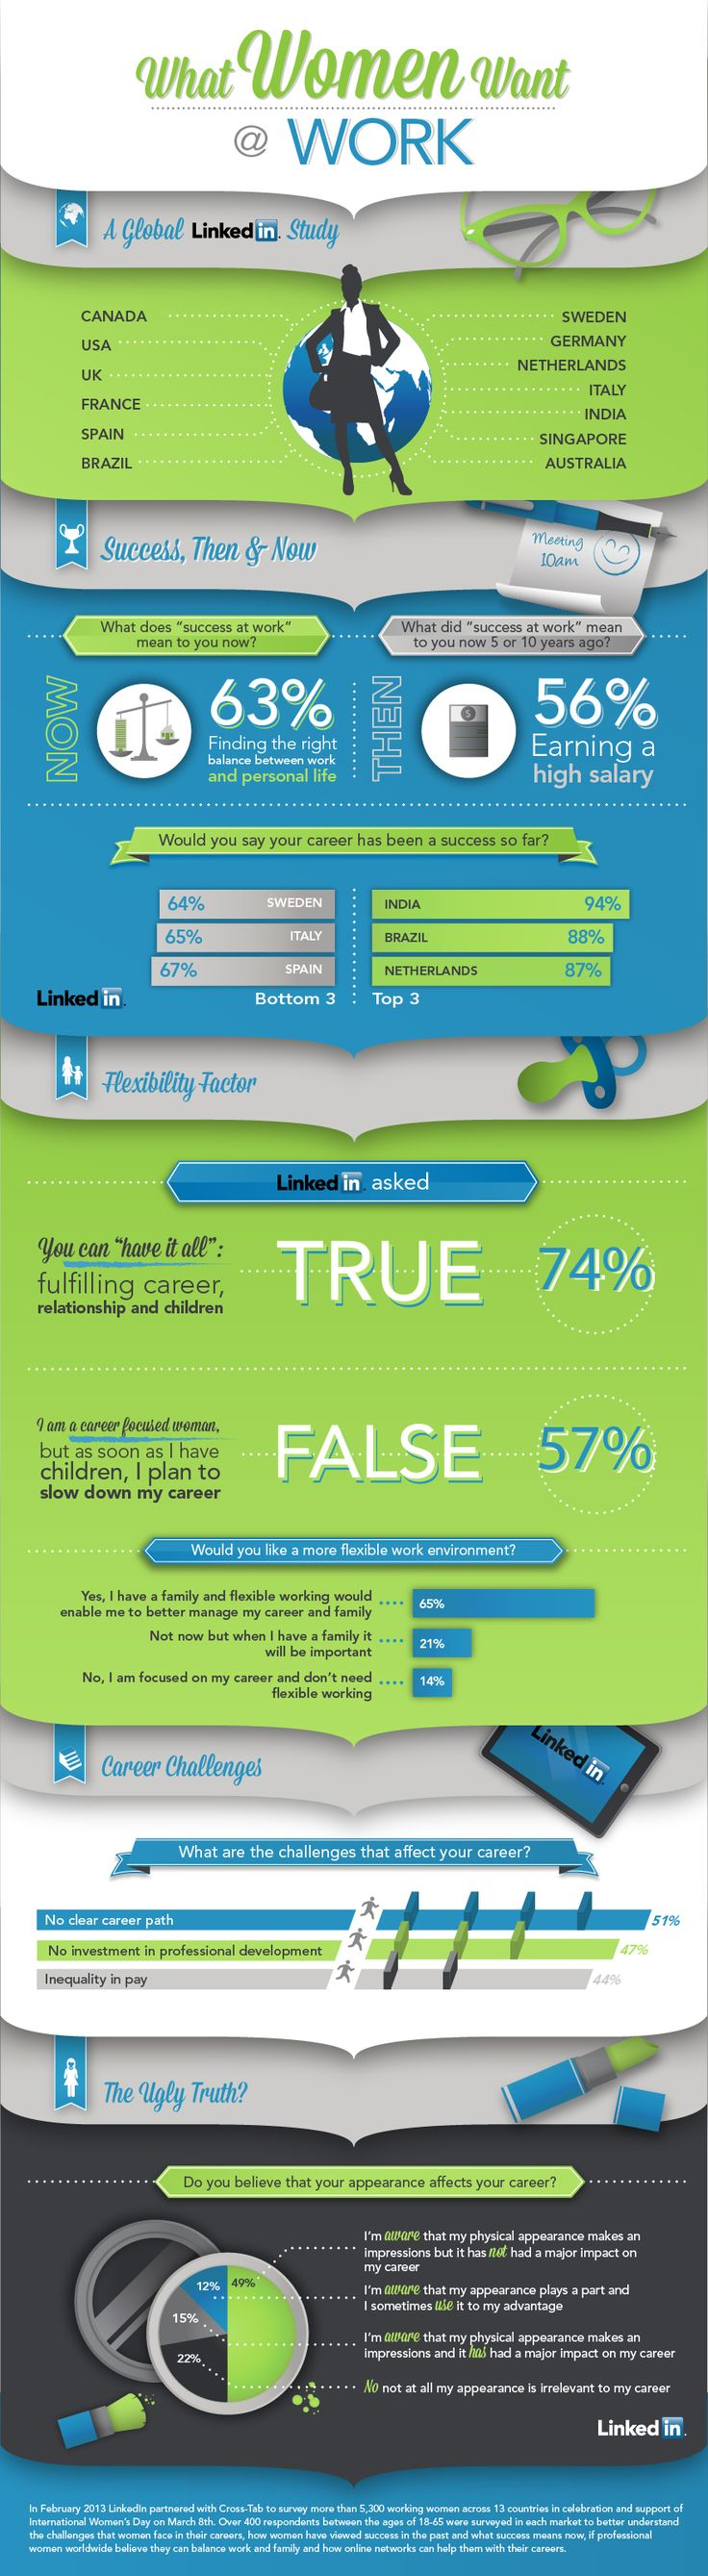 LinkedIn Women Work Global What Do